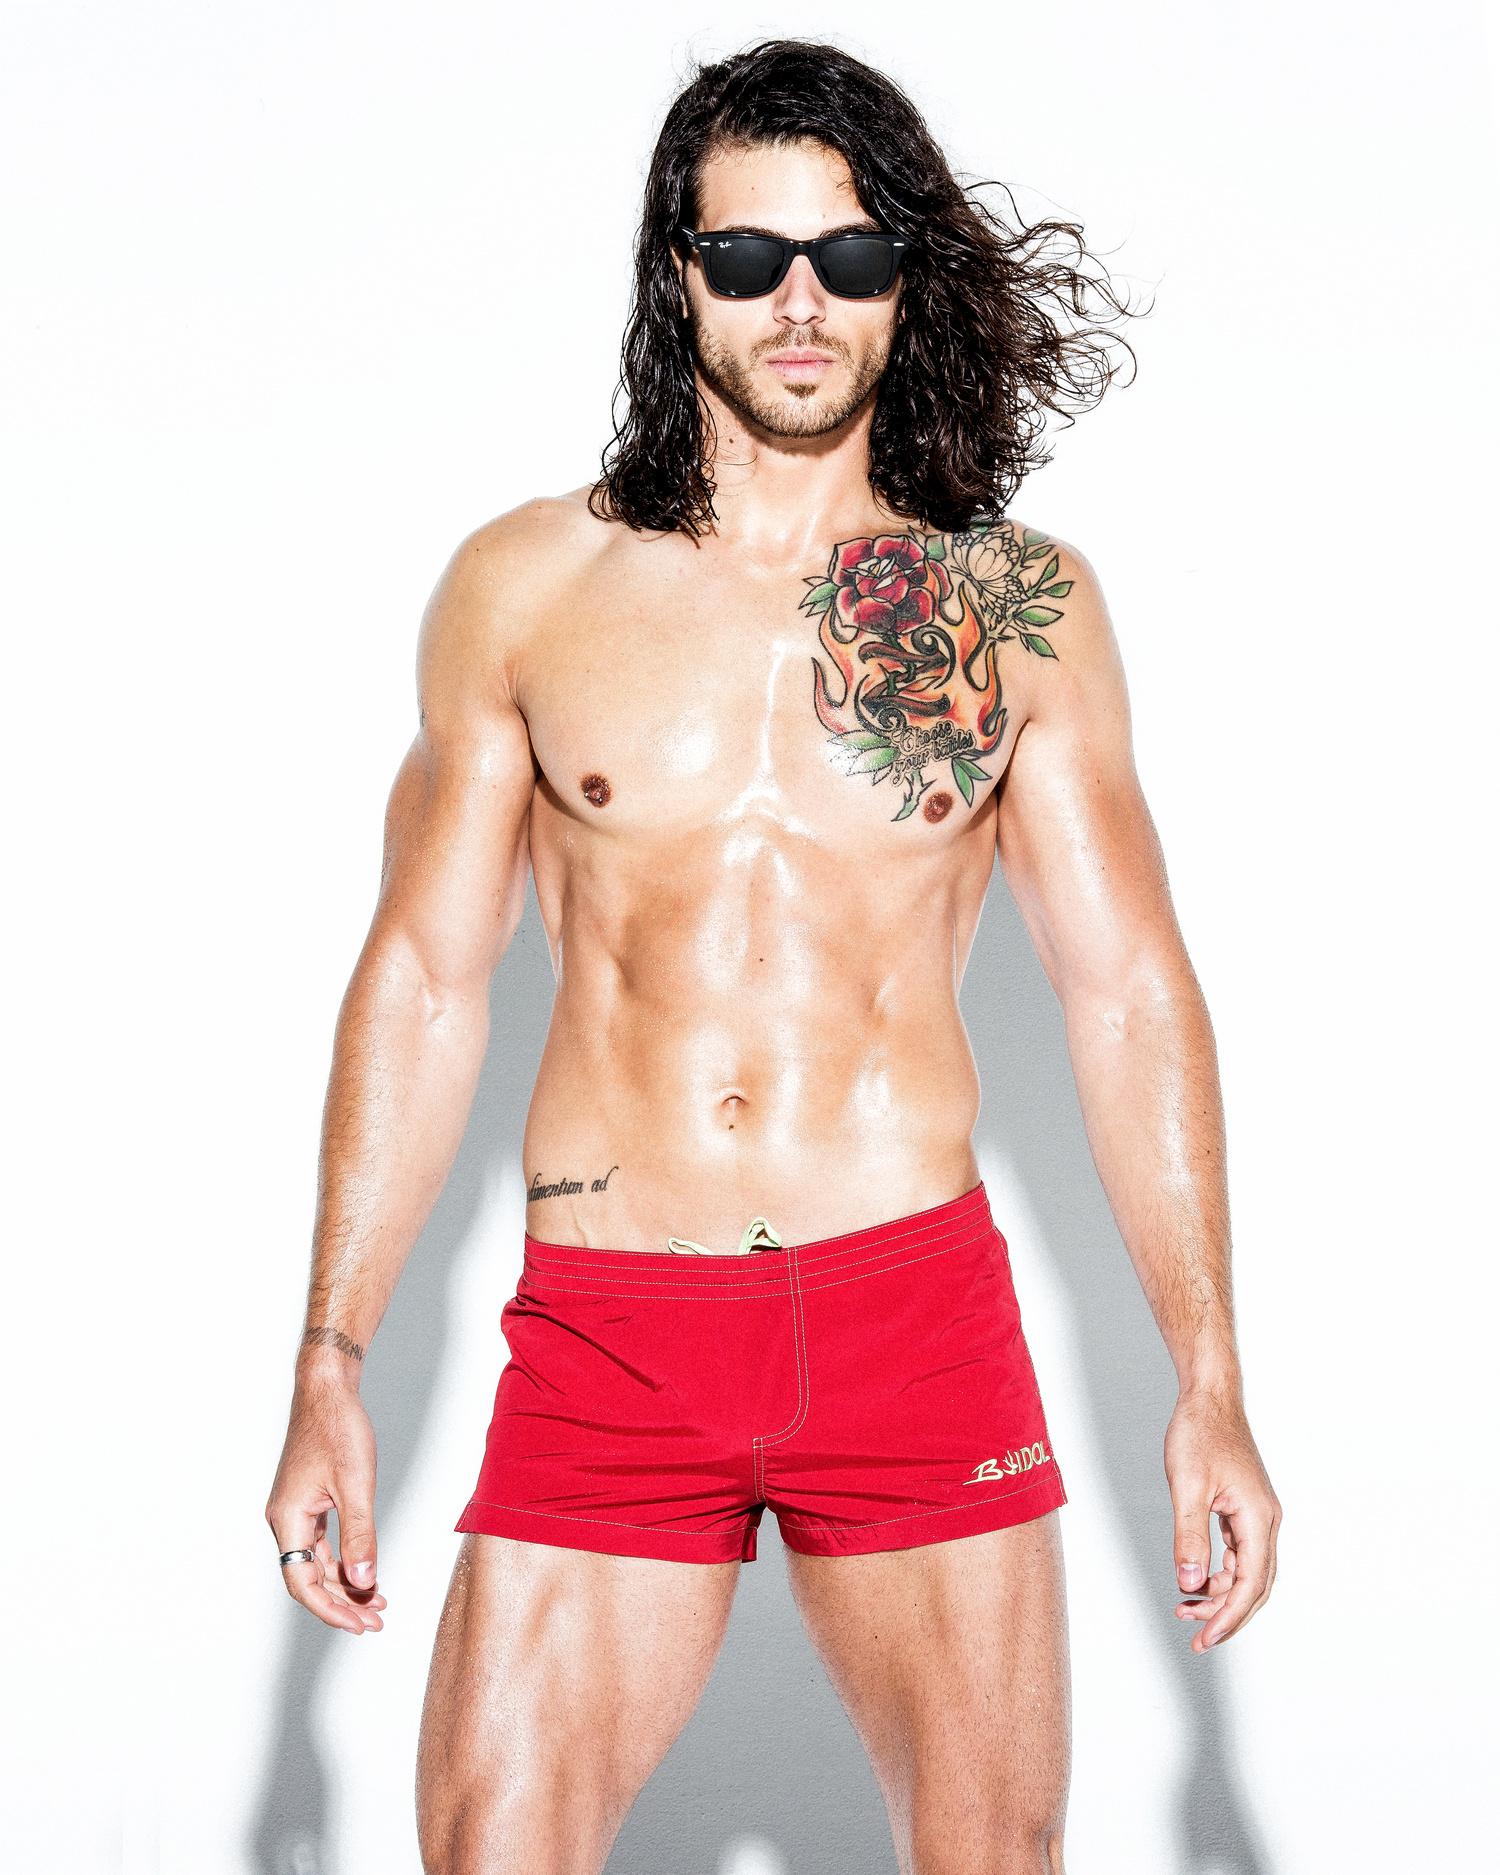 Adon Exclusive: Model Enrico Ravenna By Blake Ballard